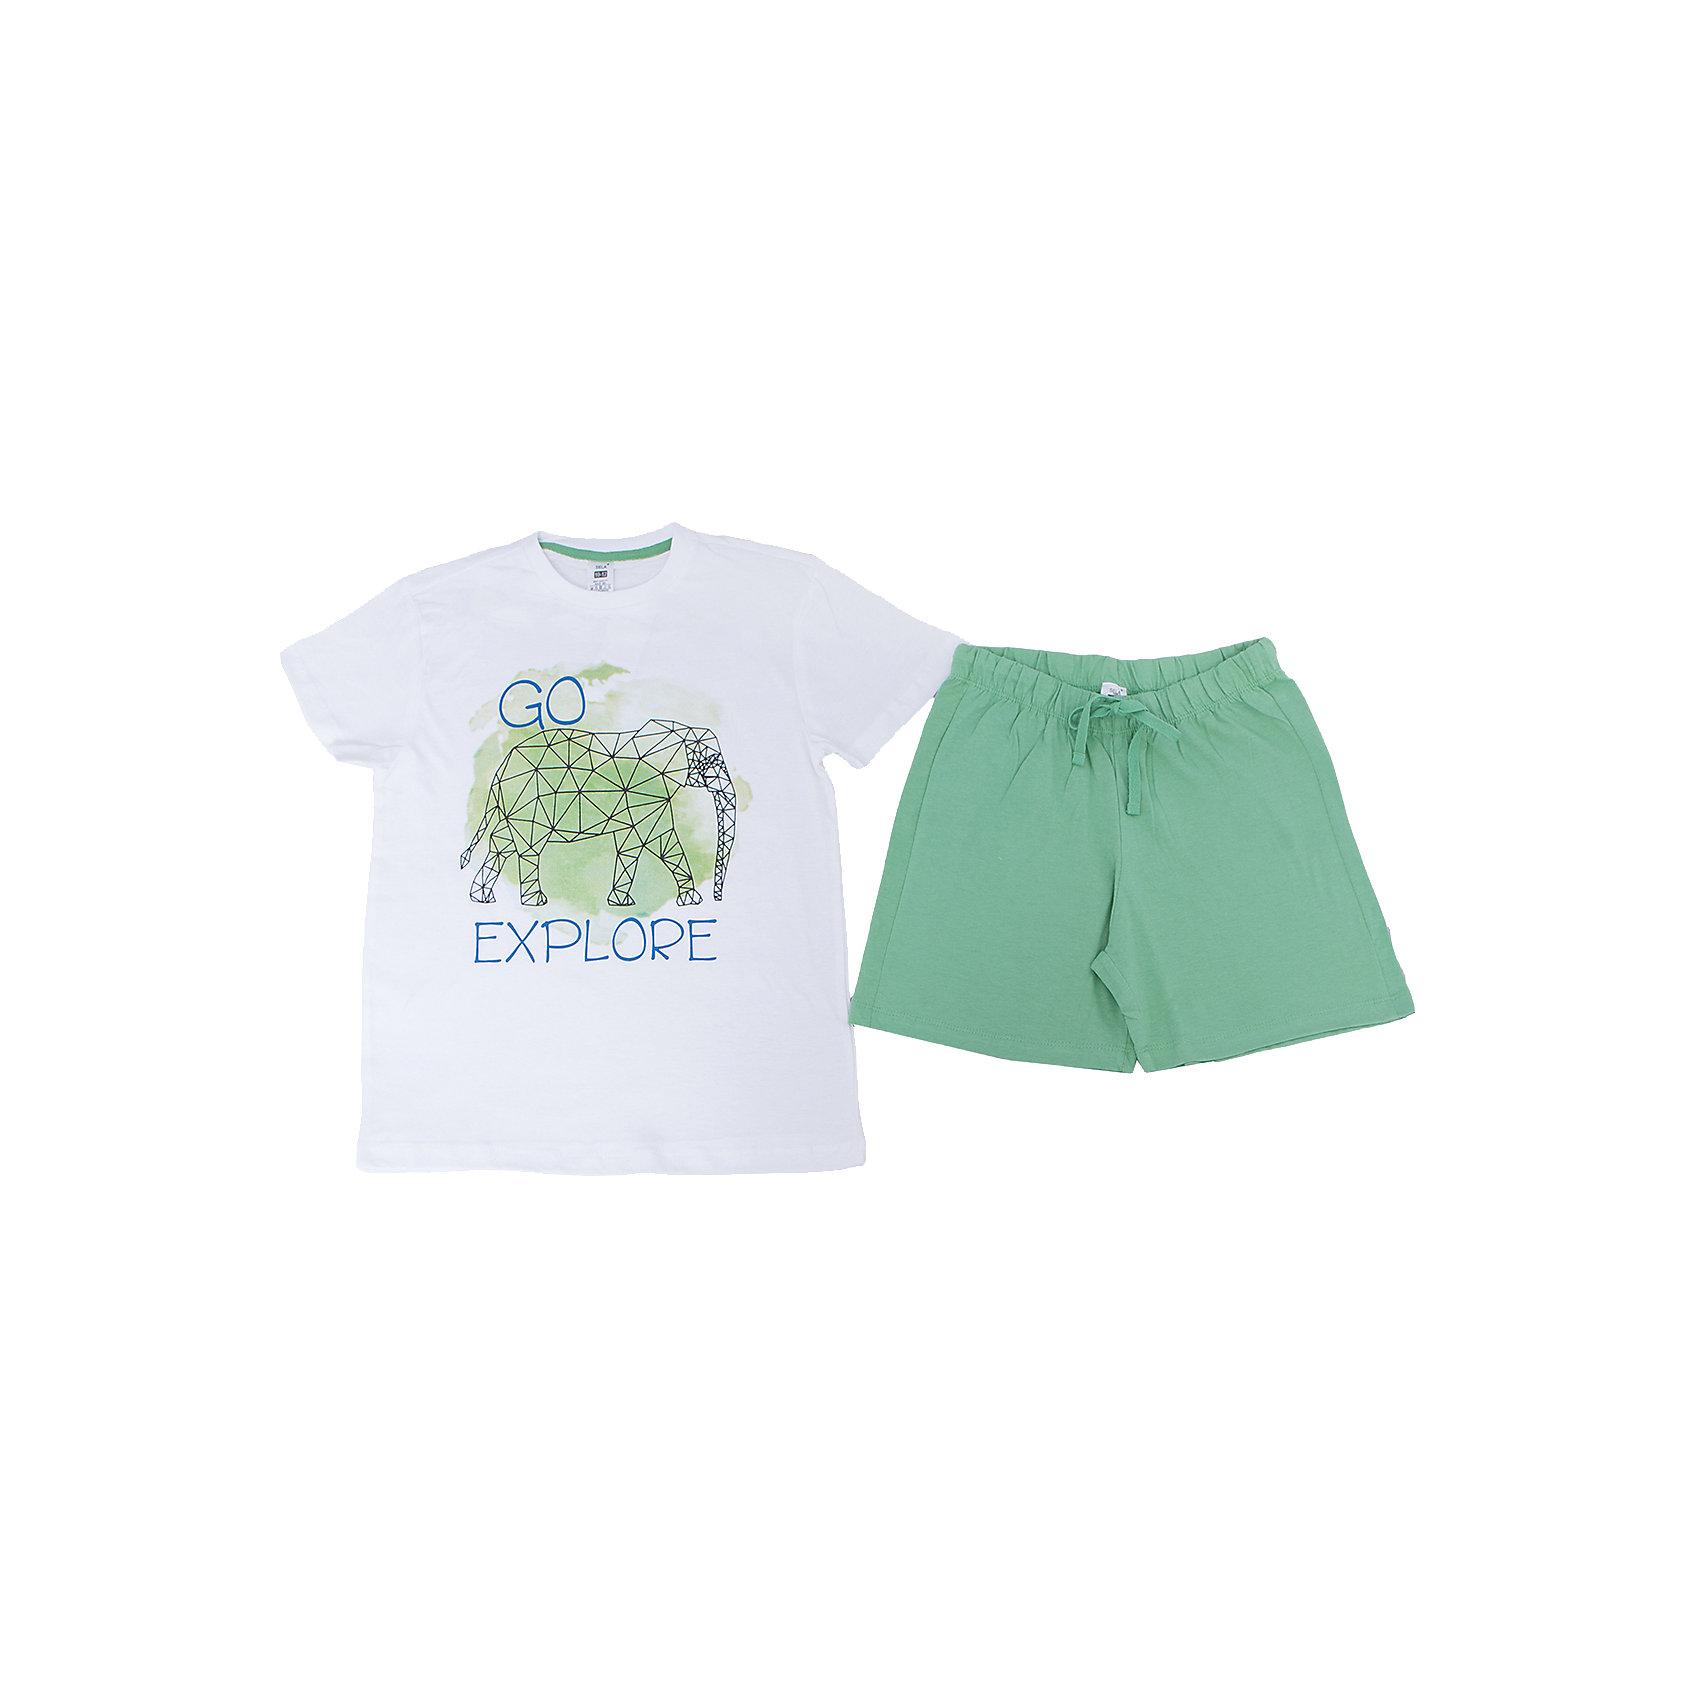 Пижама для мальчика SELAПижамы и сорочки<br>Характеристики товара:<br><br>• цвет: белый/зелёный<br>• состав: 100% хлопок<br>• комплектация: футболка, шорты<br>• короткие рукава<br>• принт<br>• пояс: мягкая резинка и шнурок<br>• страна бренда: Российская Федерация<br><br>Вещи из новой коллекции SELA продолжают радовать удобством! Симпатичная пижама поможет обеспечить ребенку комфорт - она очень удобно сидит на теле. В составе материала - натуральный хлопок. Отличная одежда для комфортного сна!<br><br>Пижаму для девочки от популярного бренда SELA (СЕЛА) можно купить в нашем интернет-магазине.<br><br>Ширина мм: 281<br>Глубина мм: 70<br>Высота мм: 188<br>Вес г: 295<br>Цвет: зеленый<br>Возраст от месяцев: 96<br>Возраст до месяцев: 108<br>Пол: Мужской<br>Возраст: Детский<br>Размер: 128/134,140/146,92/98,104/110,116/122<br>SKU: 5302887